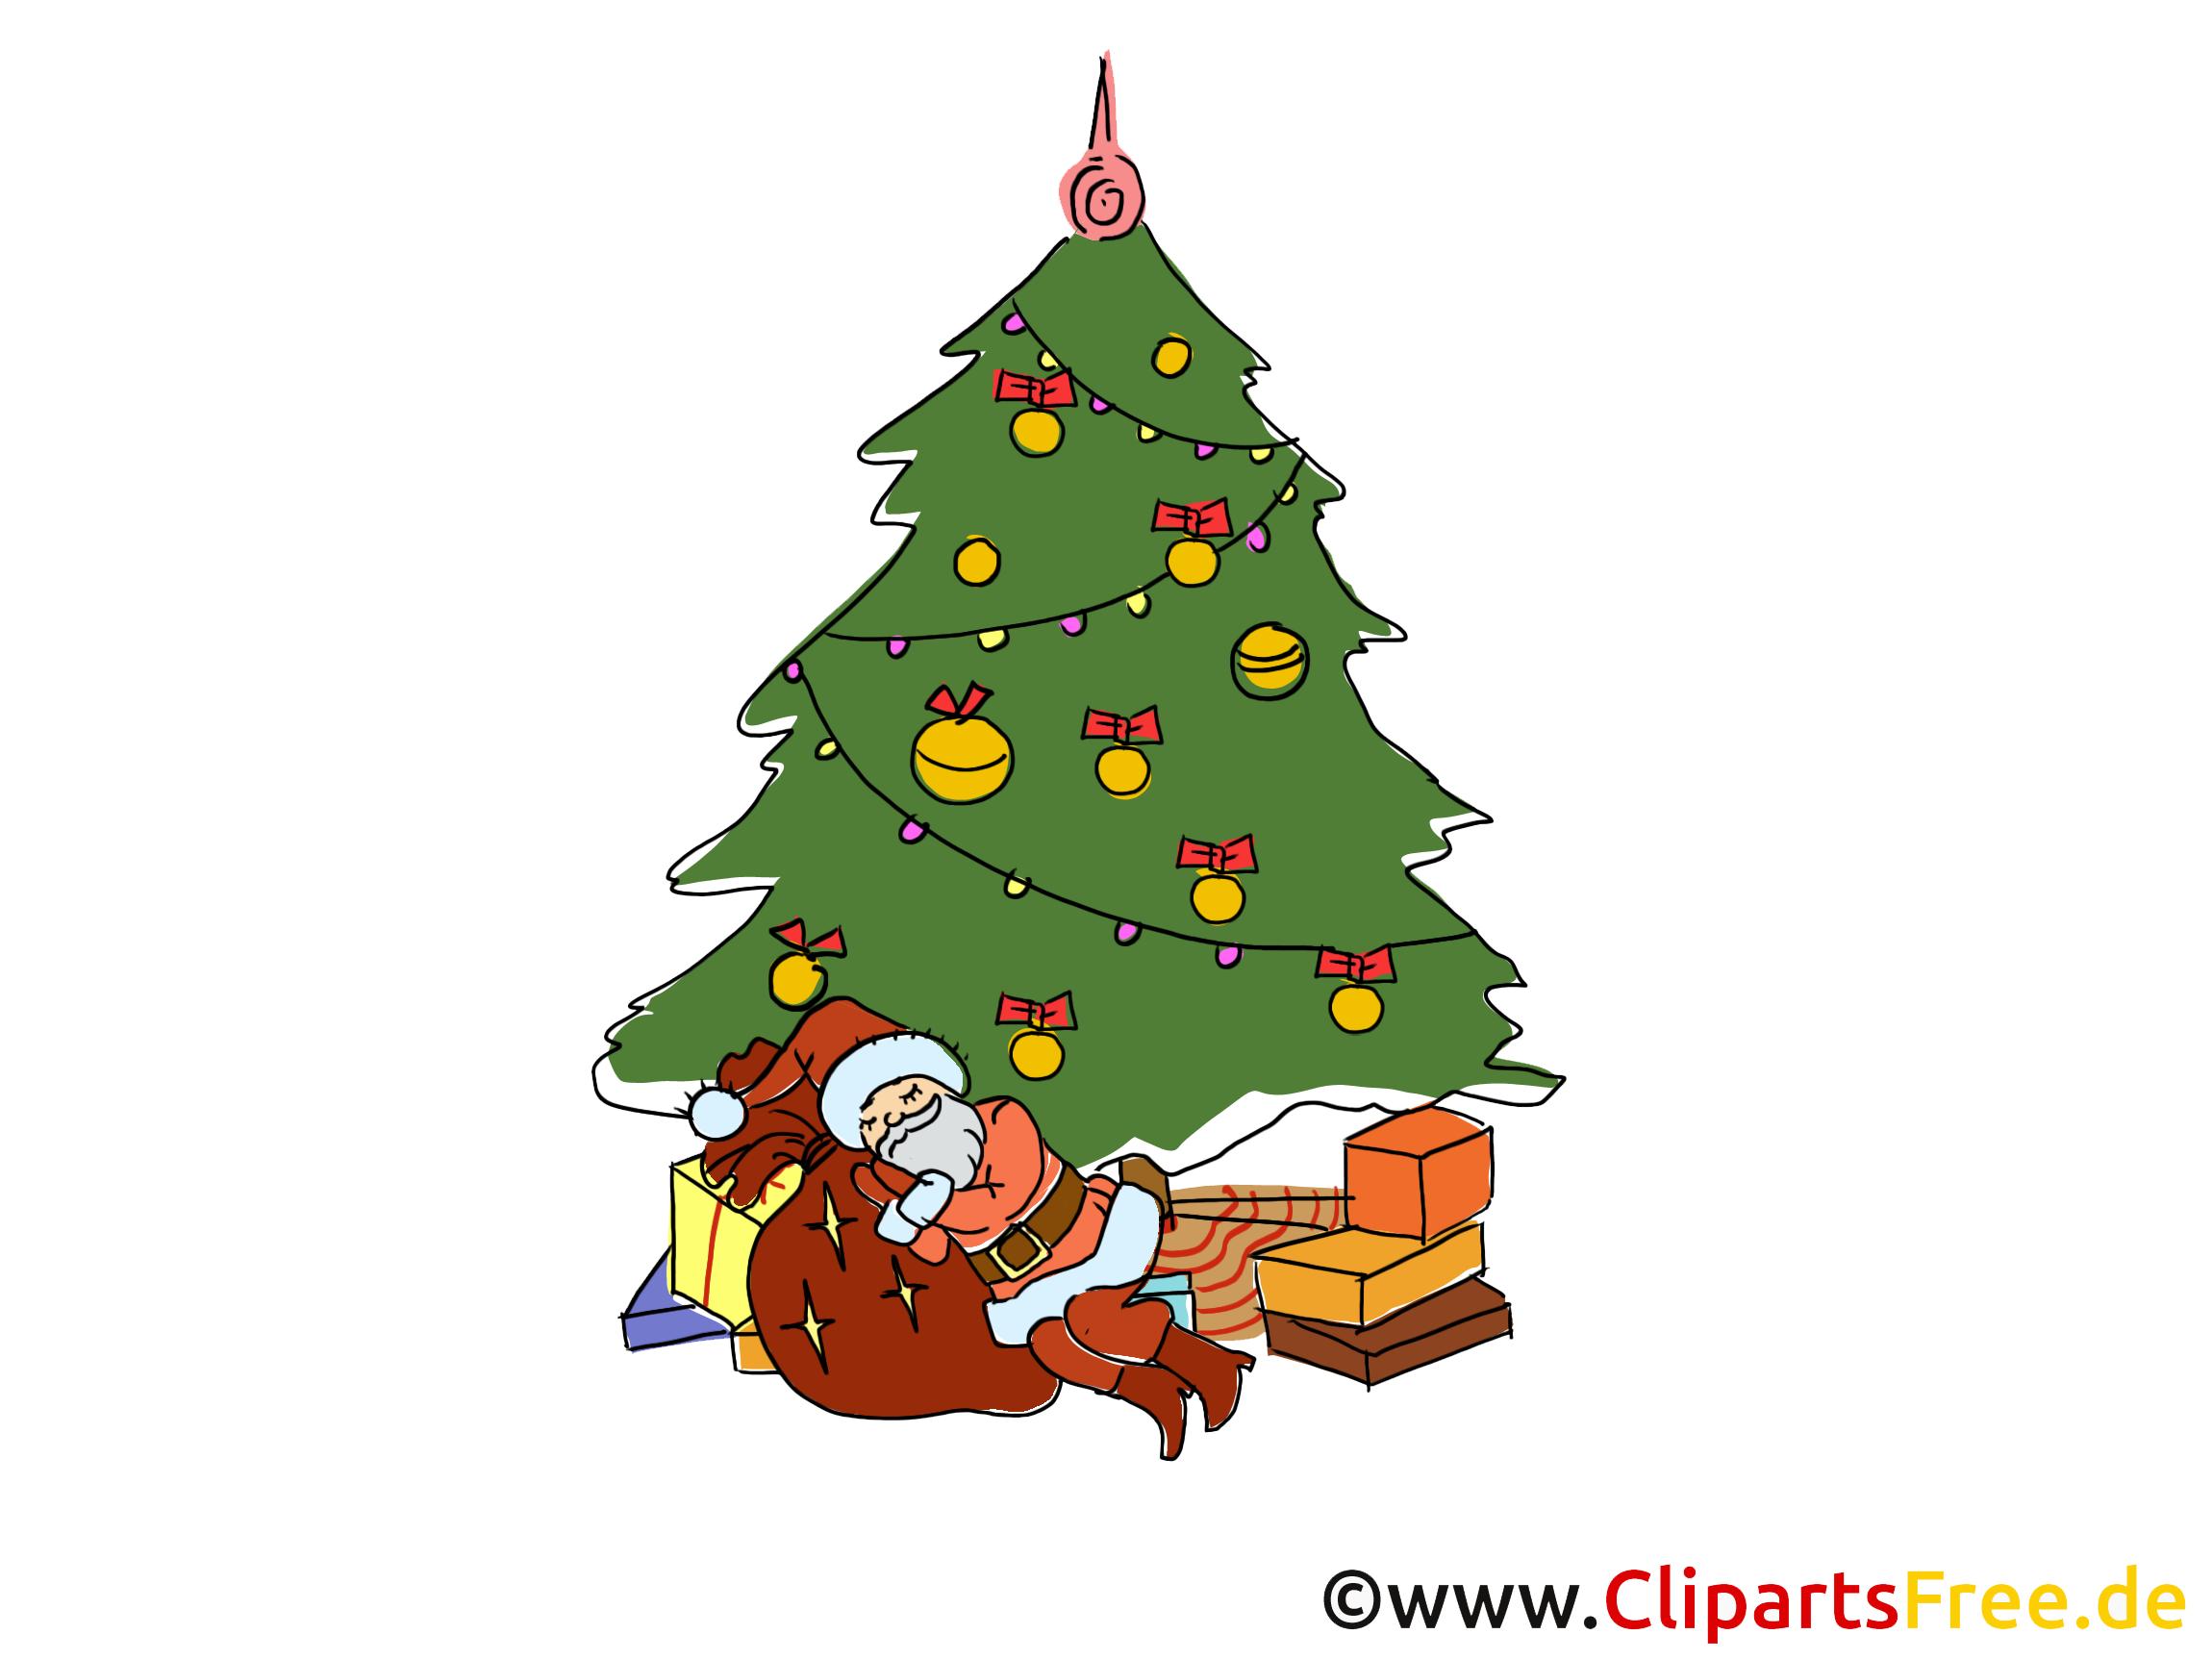 Bilder Silvester - Tannenbaum und Weihnachtsmann